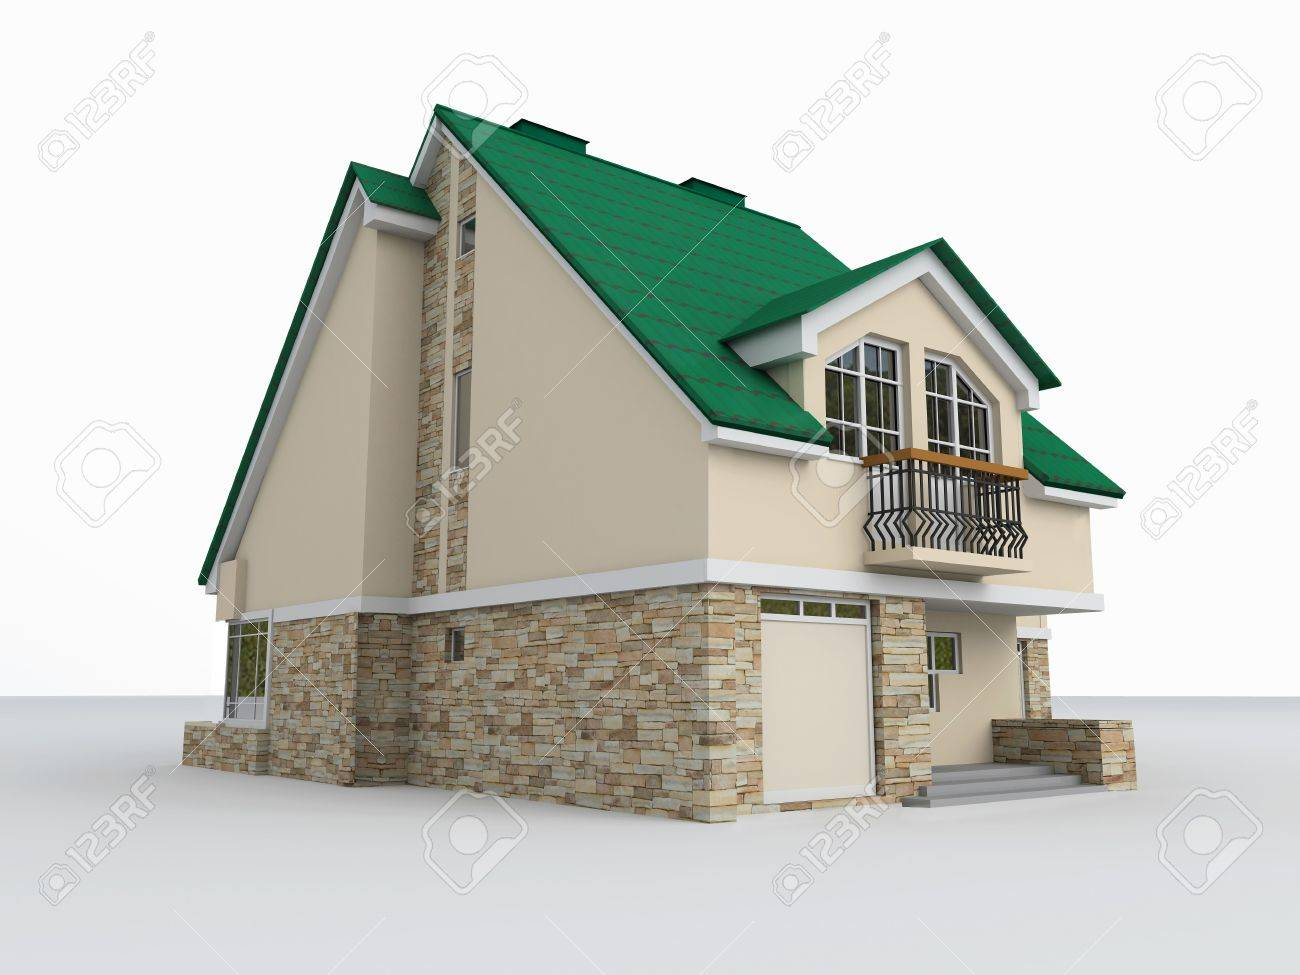 Estructura Construcción Arquitectura Moderna Ilustración Modelo Casa Oficina